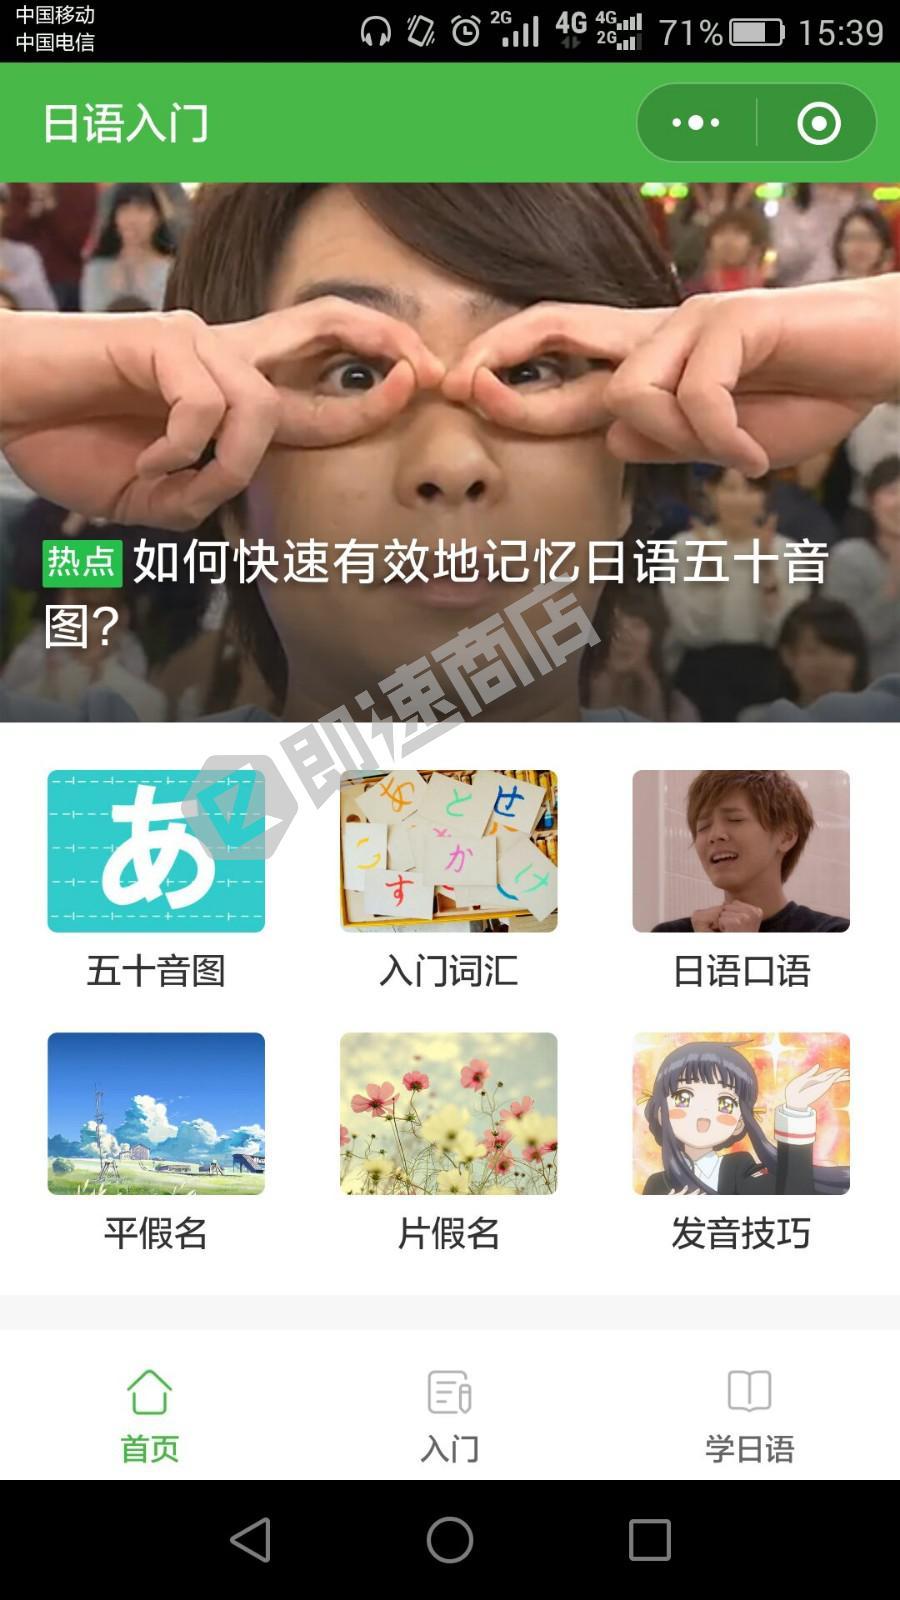 日语入门学习资料小程序首页截图